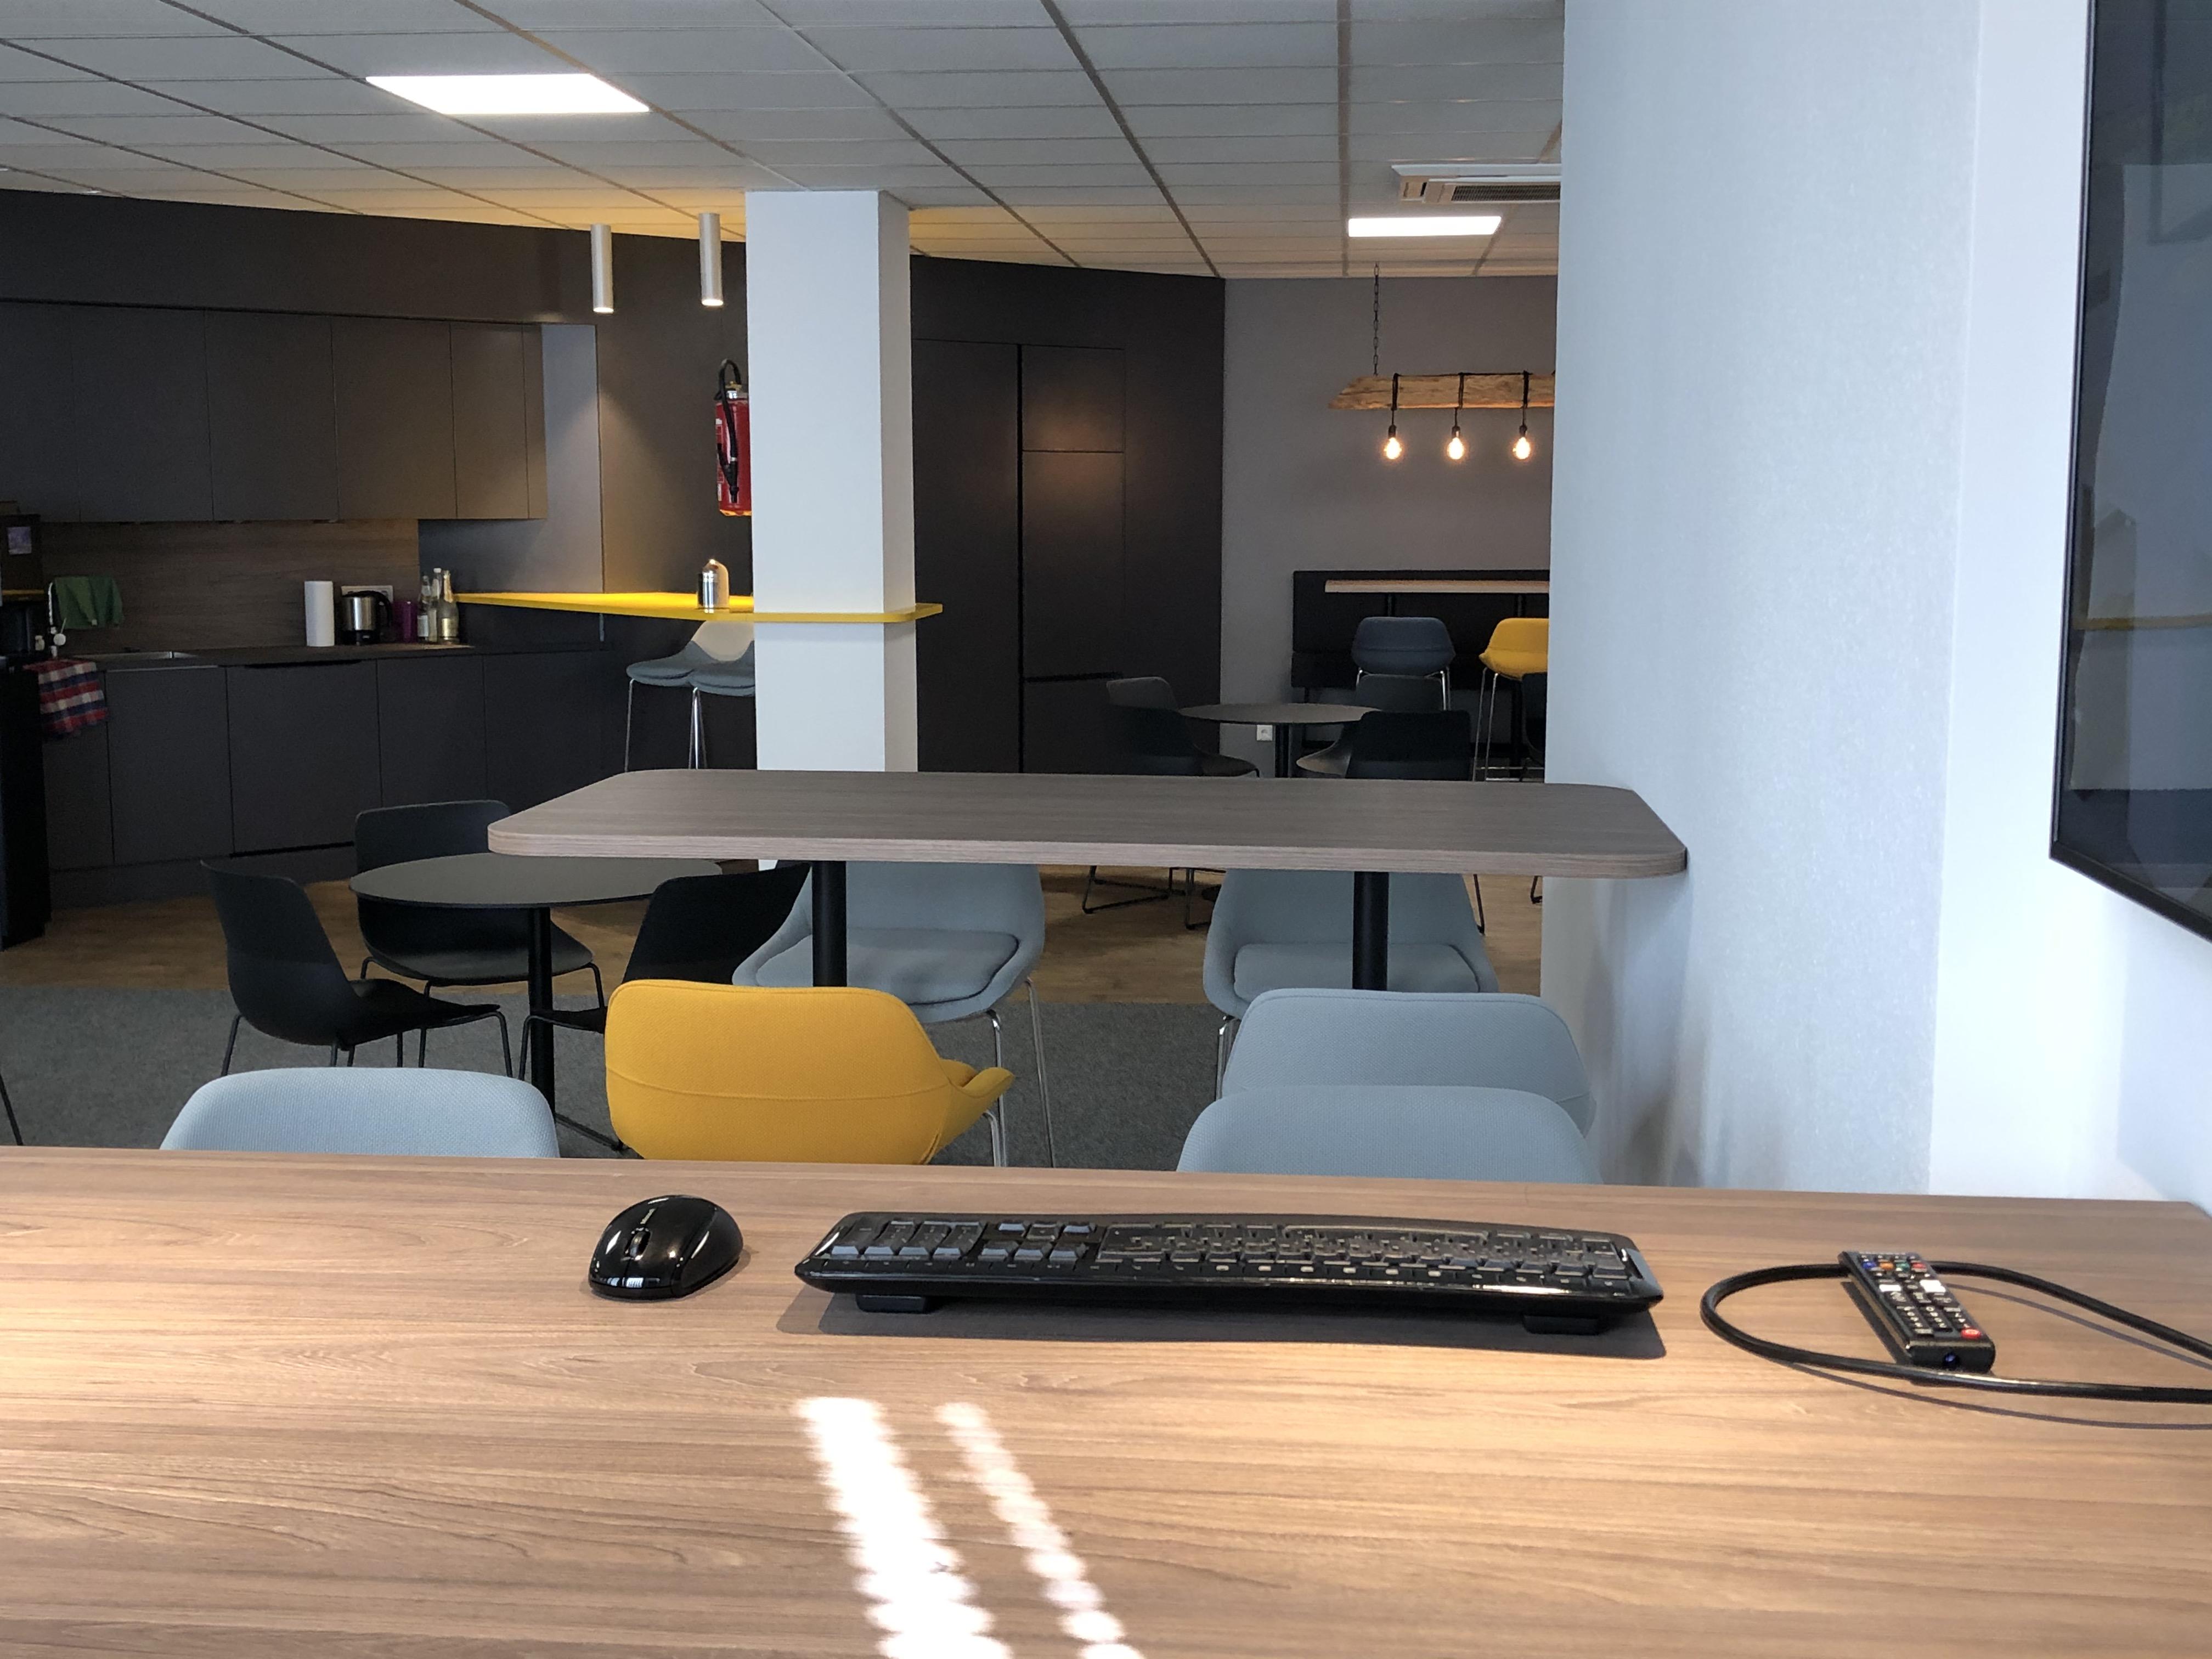 News Foto  Lounge 7 - Gepflegt chillen und arbeiten: Innovabee weiht neue Lounge ein